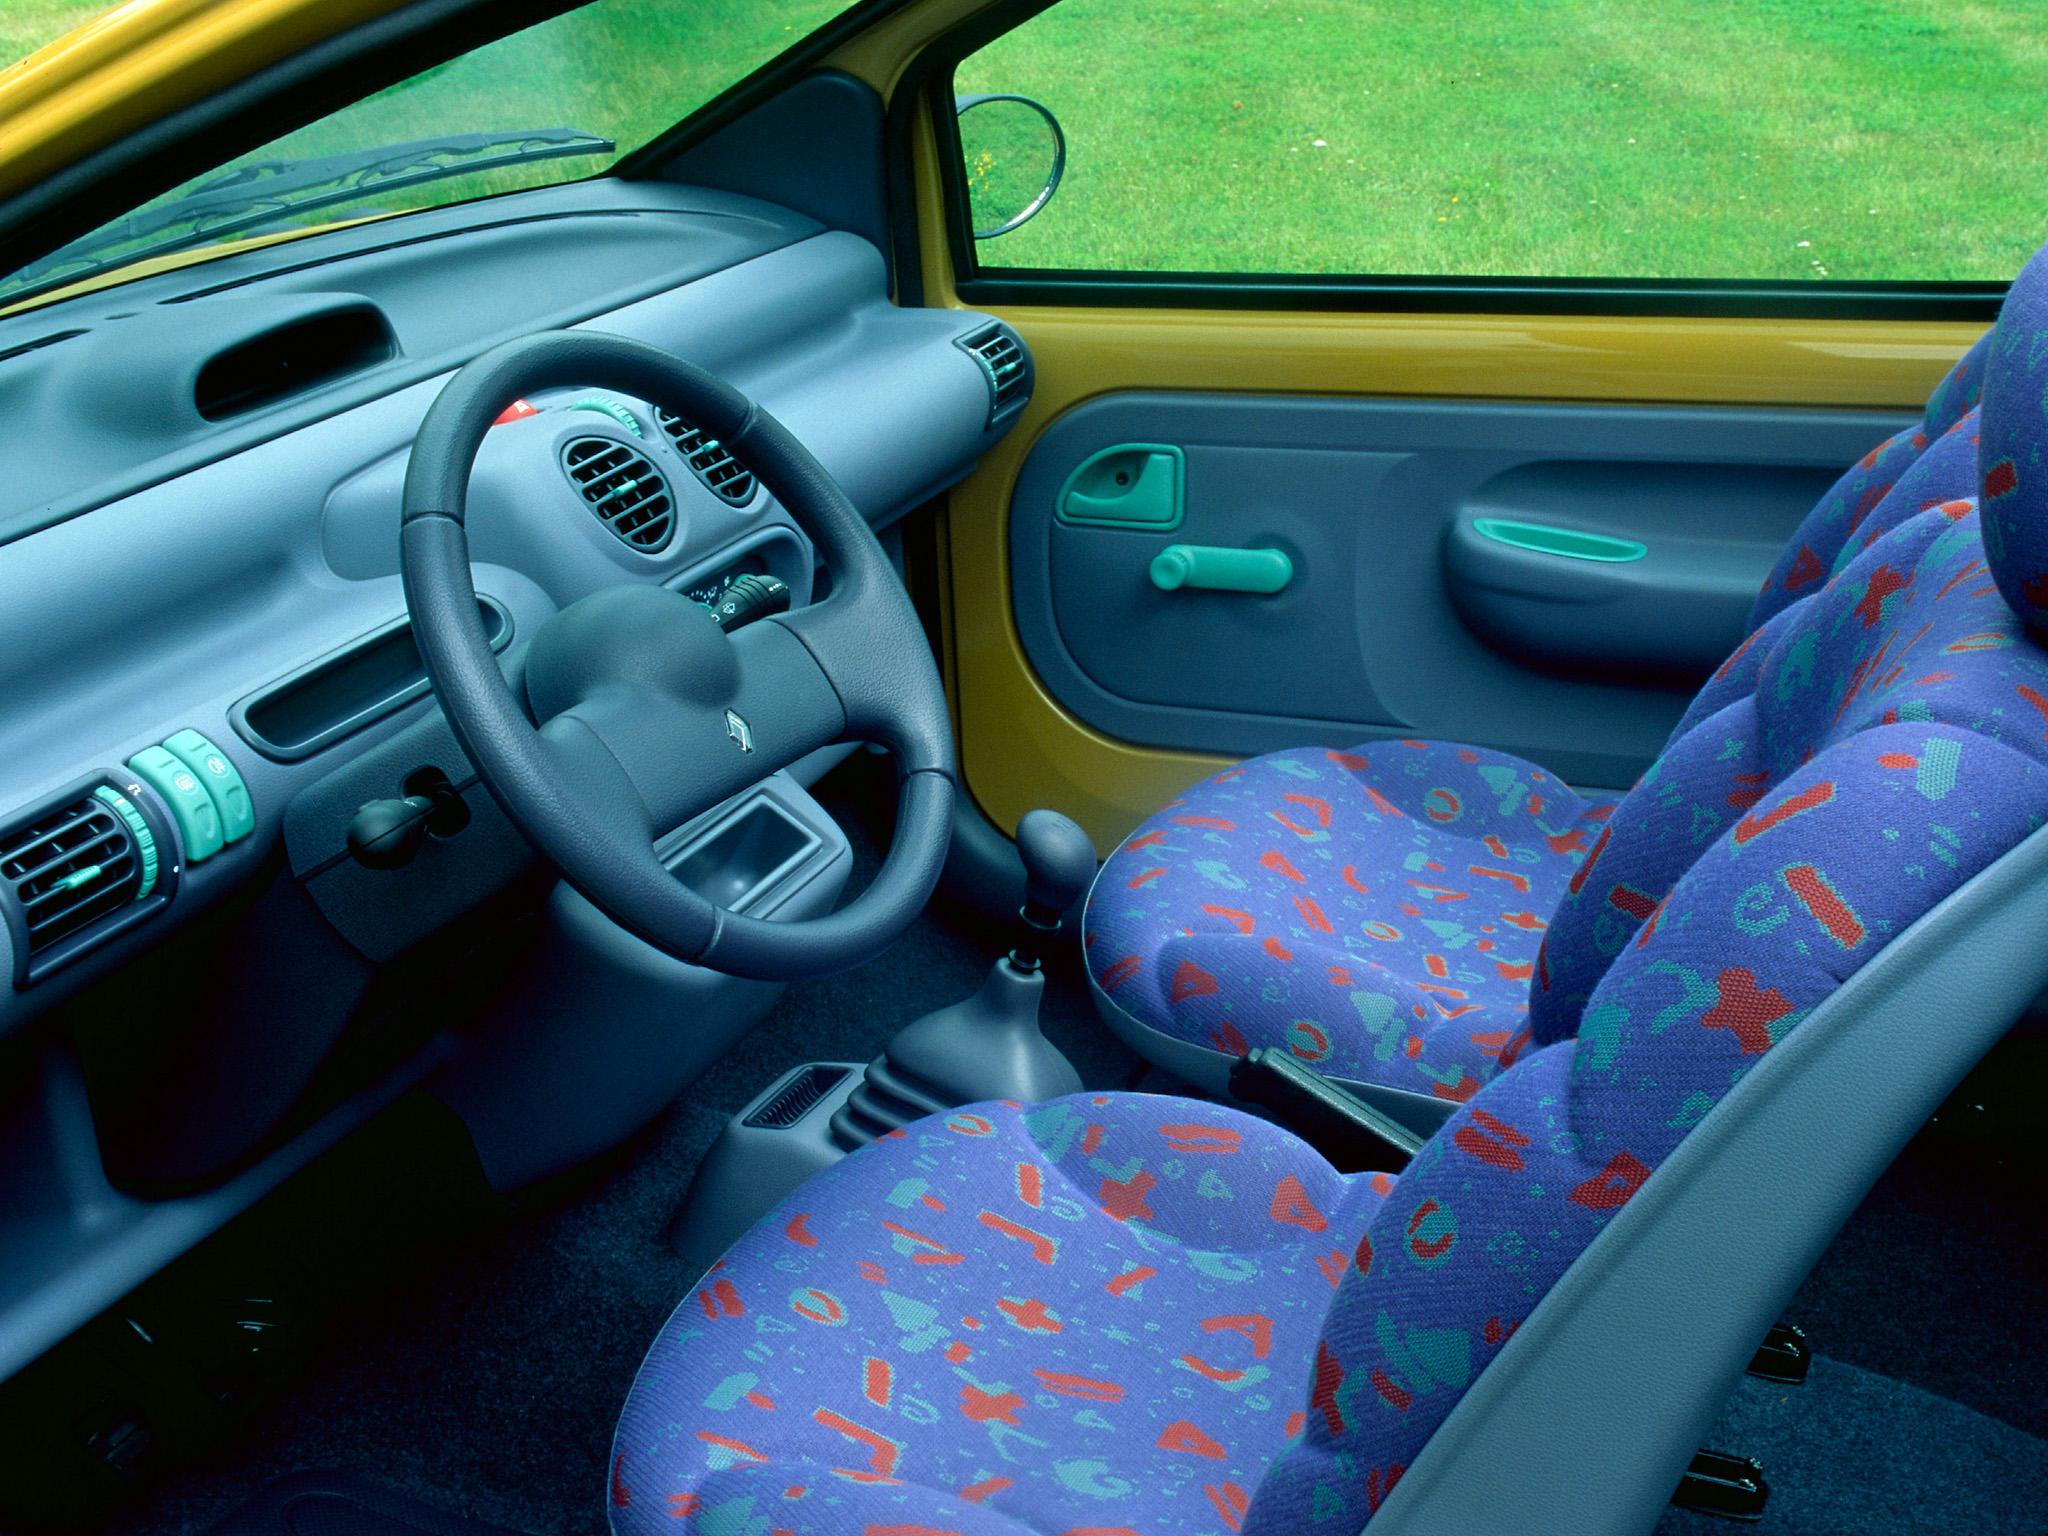 Renault Twingo iç görünüm